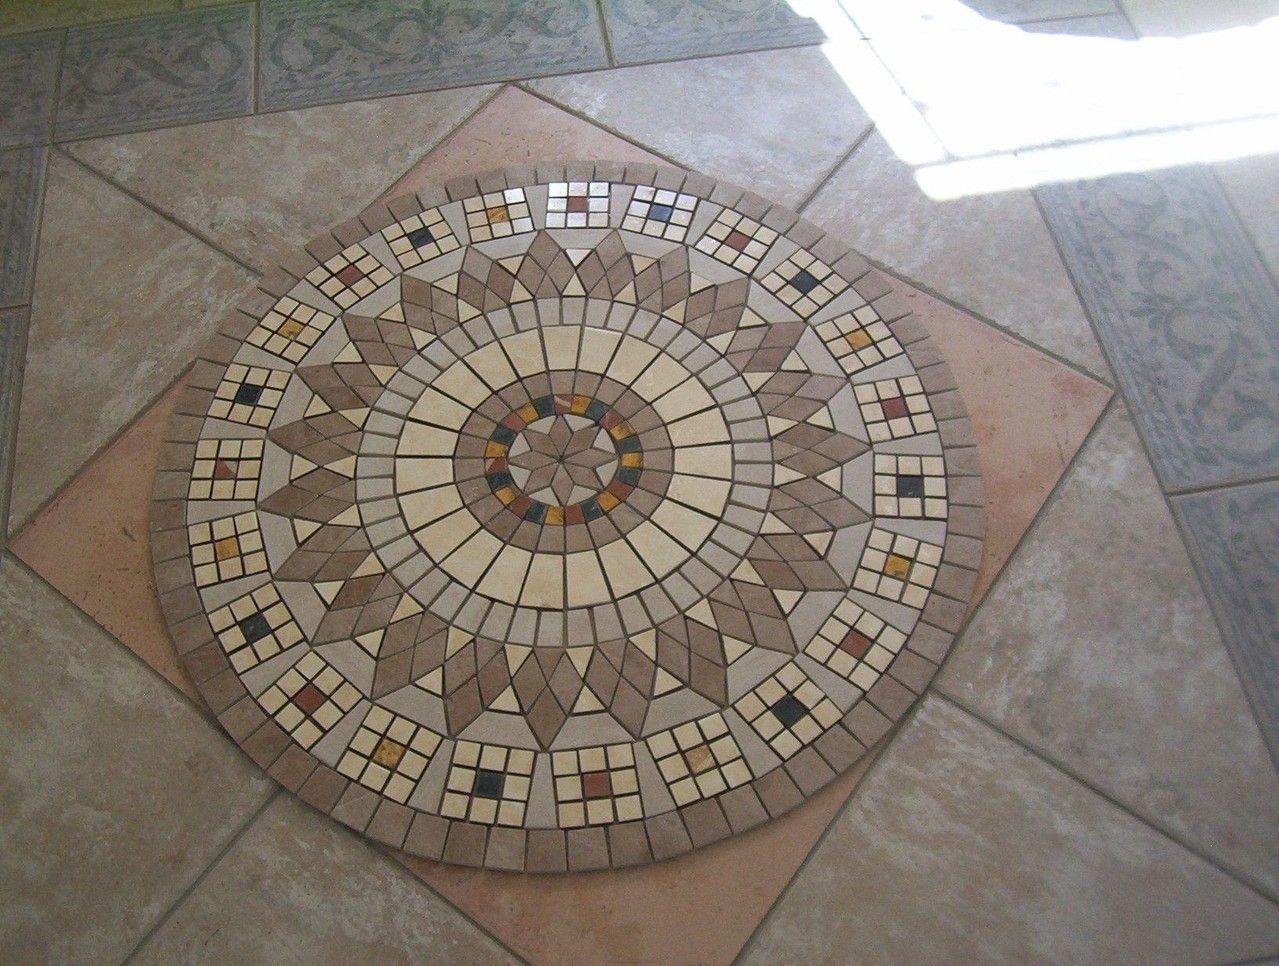 Hacemos todo tipo de mosaicos para suelos cualquier dibujo que nos traiga nosotros se lo - Mosaicos para suelos ...